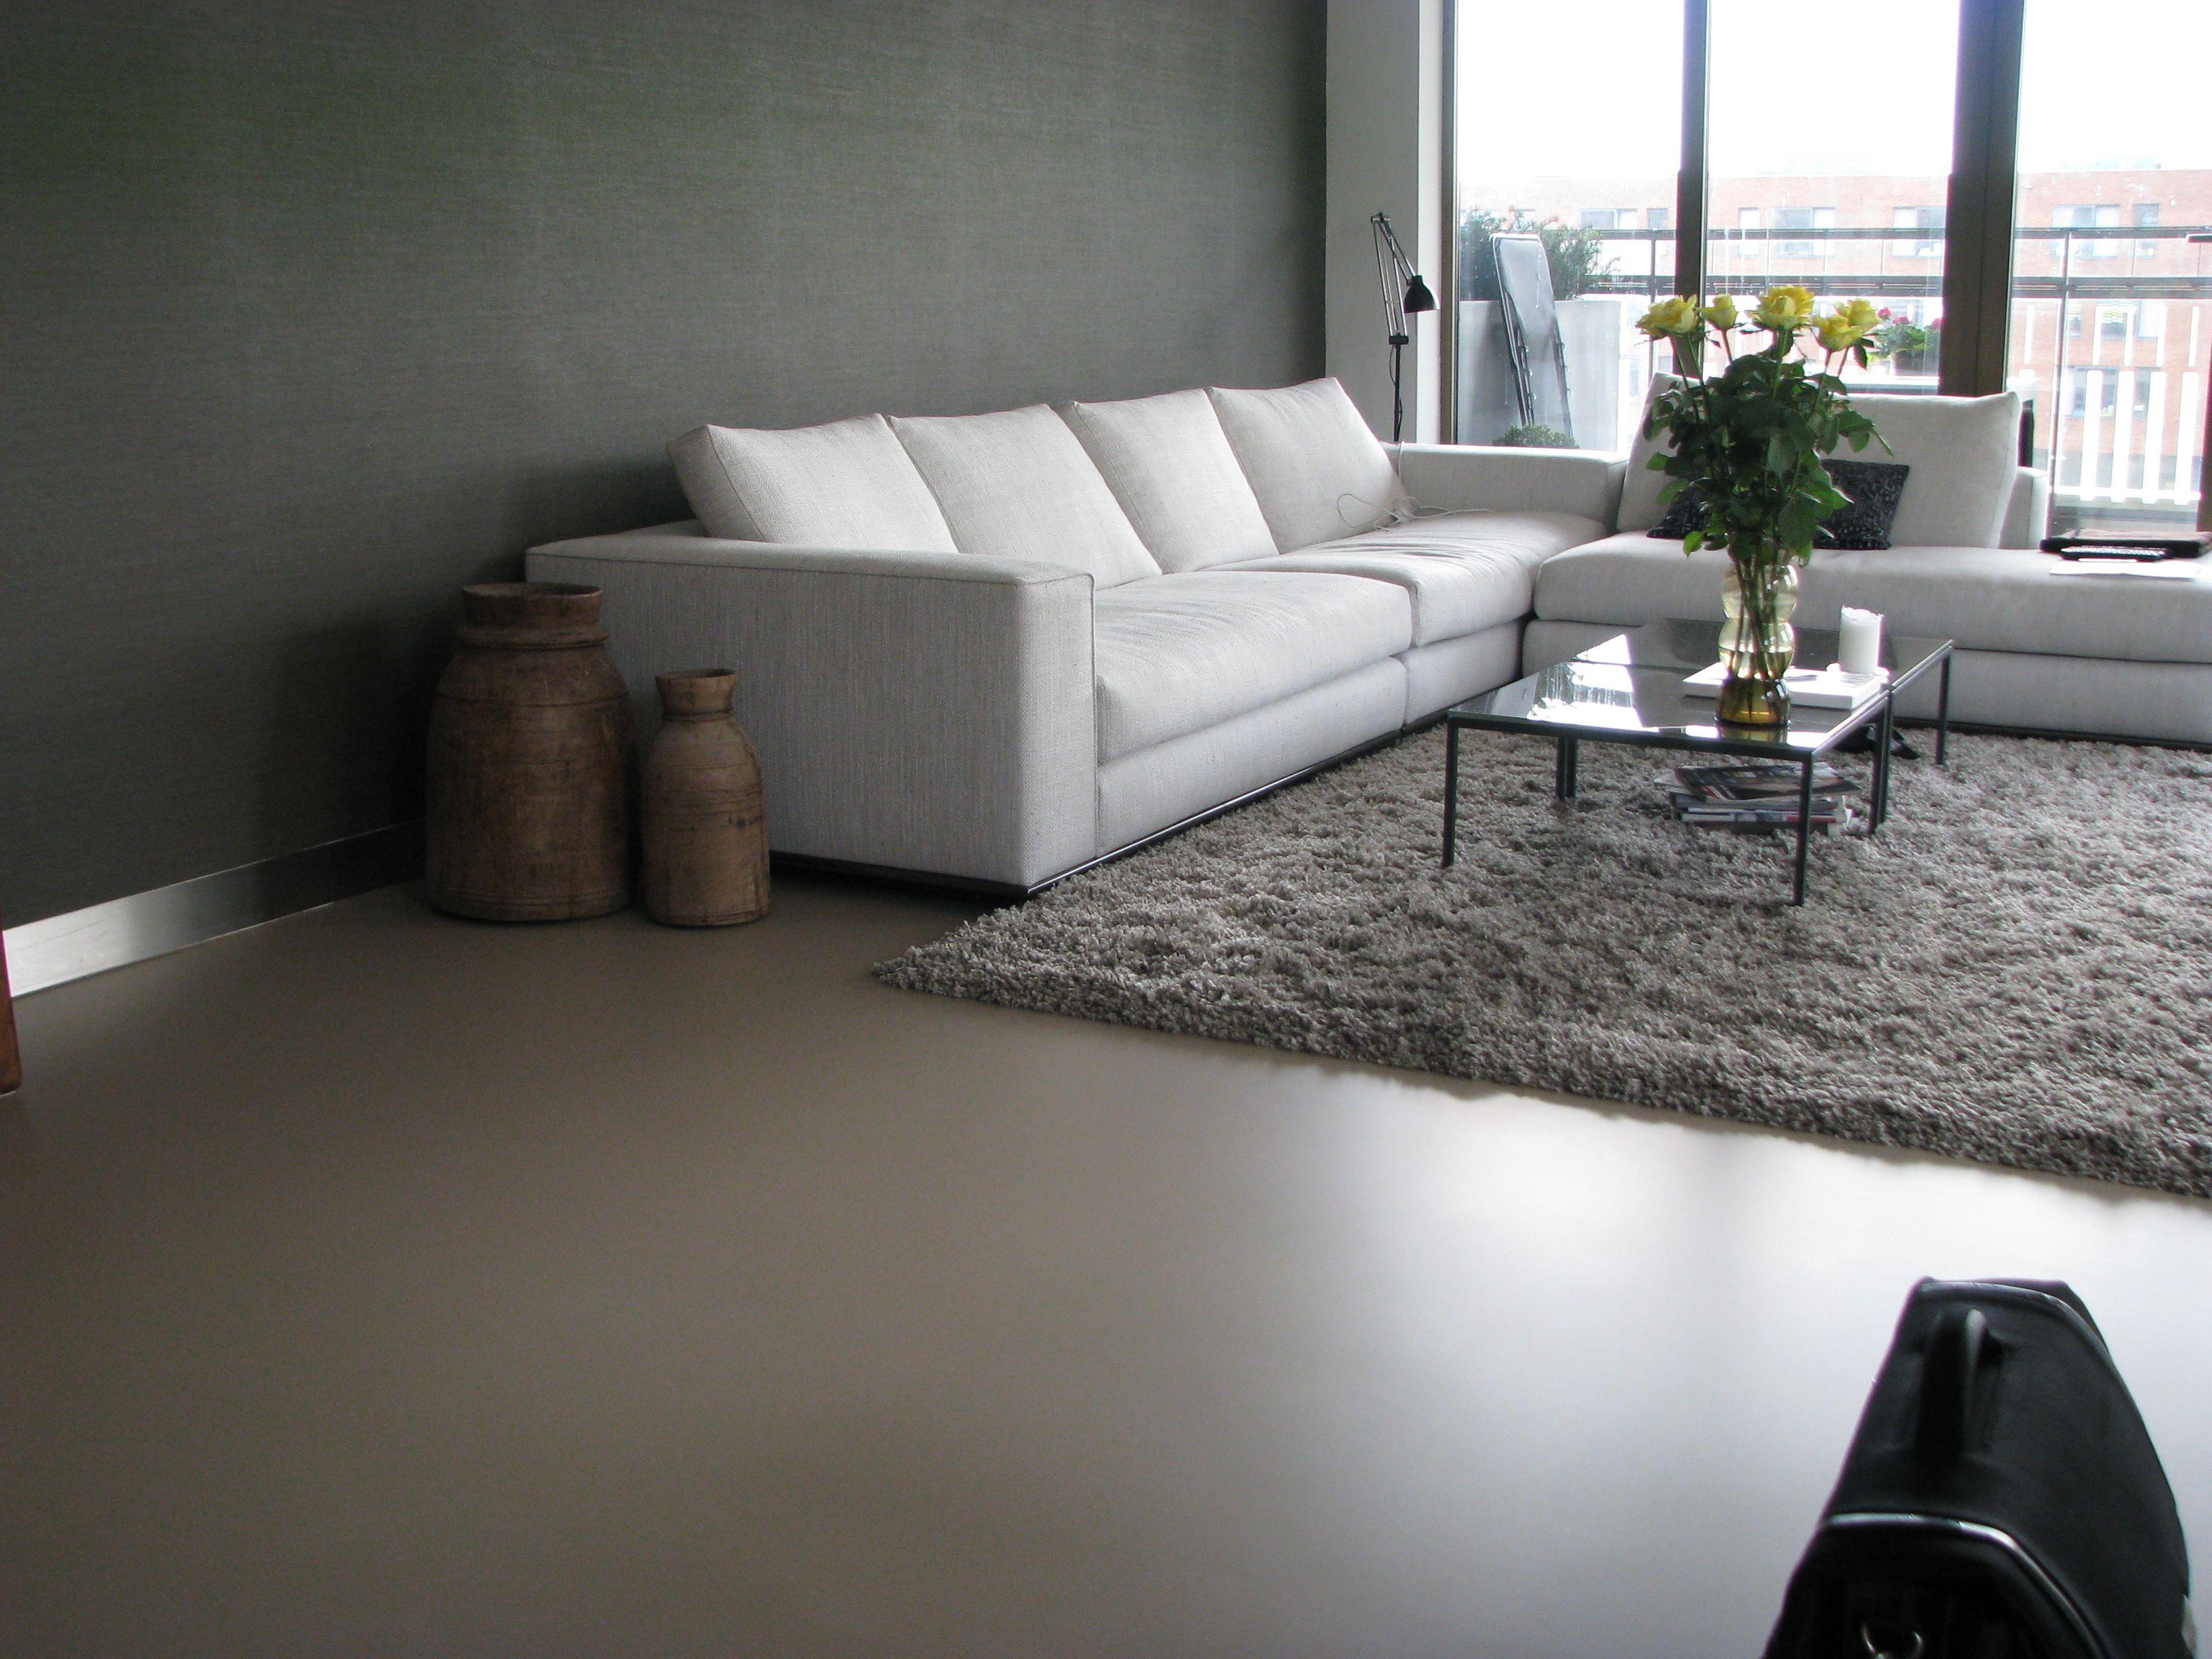 motion gietvloer met karpet betonlook gietvloeren met een scherpe